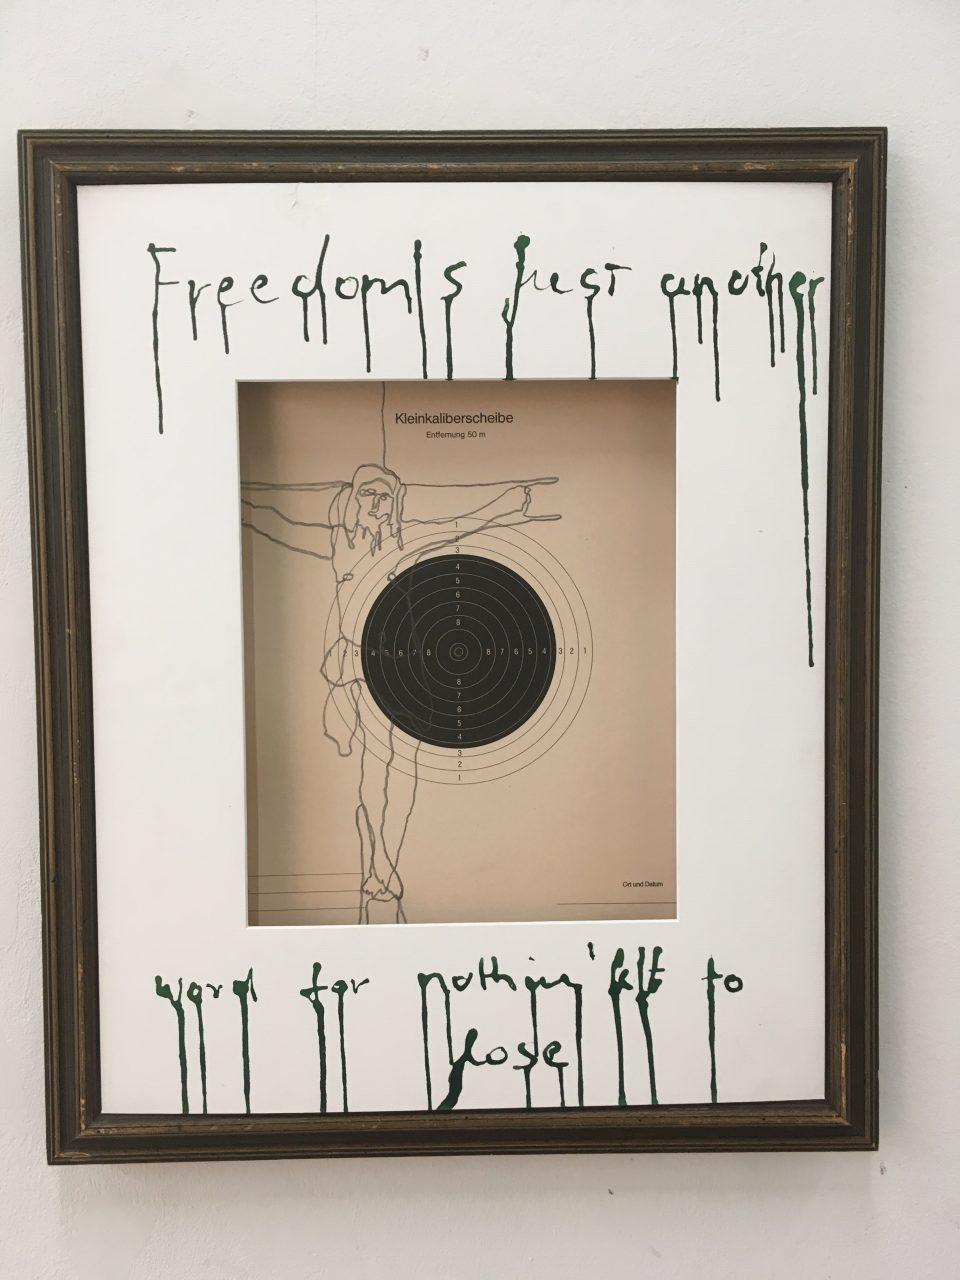 """Zeichnung auf Kleinkaliberscheibe, gerahmt, beschriftet mit """"Freedom is just another word for nothing left to lose"""""""